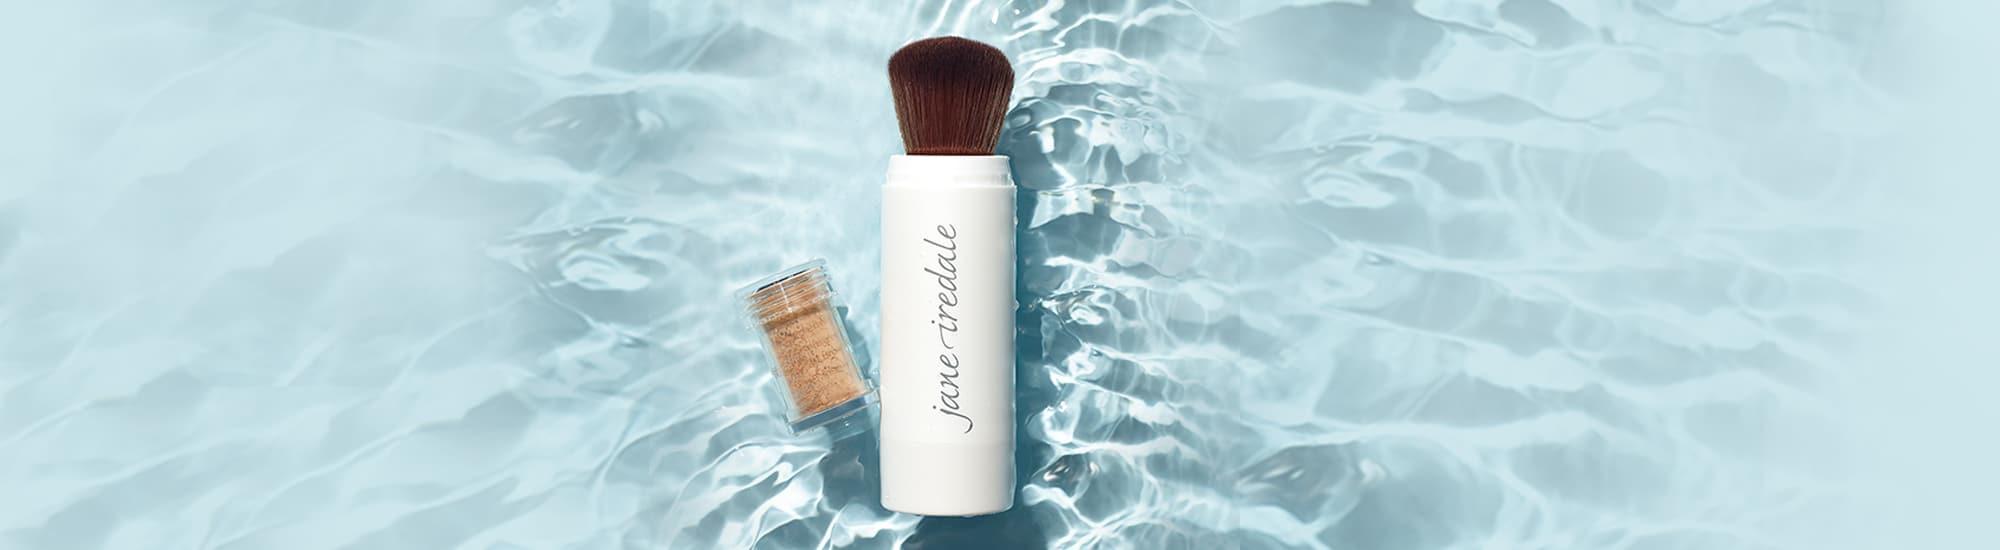 Gesundes Make up und Sonnenschutz von Jane Iredal - bei Claresco Cosmetic in Reichenbach